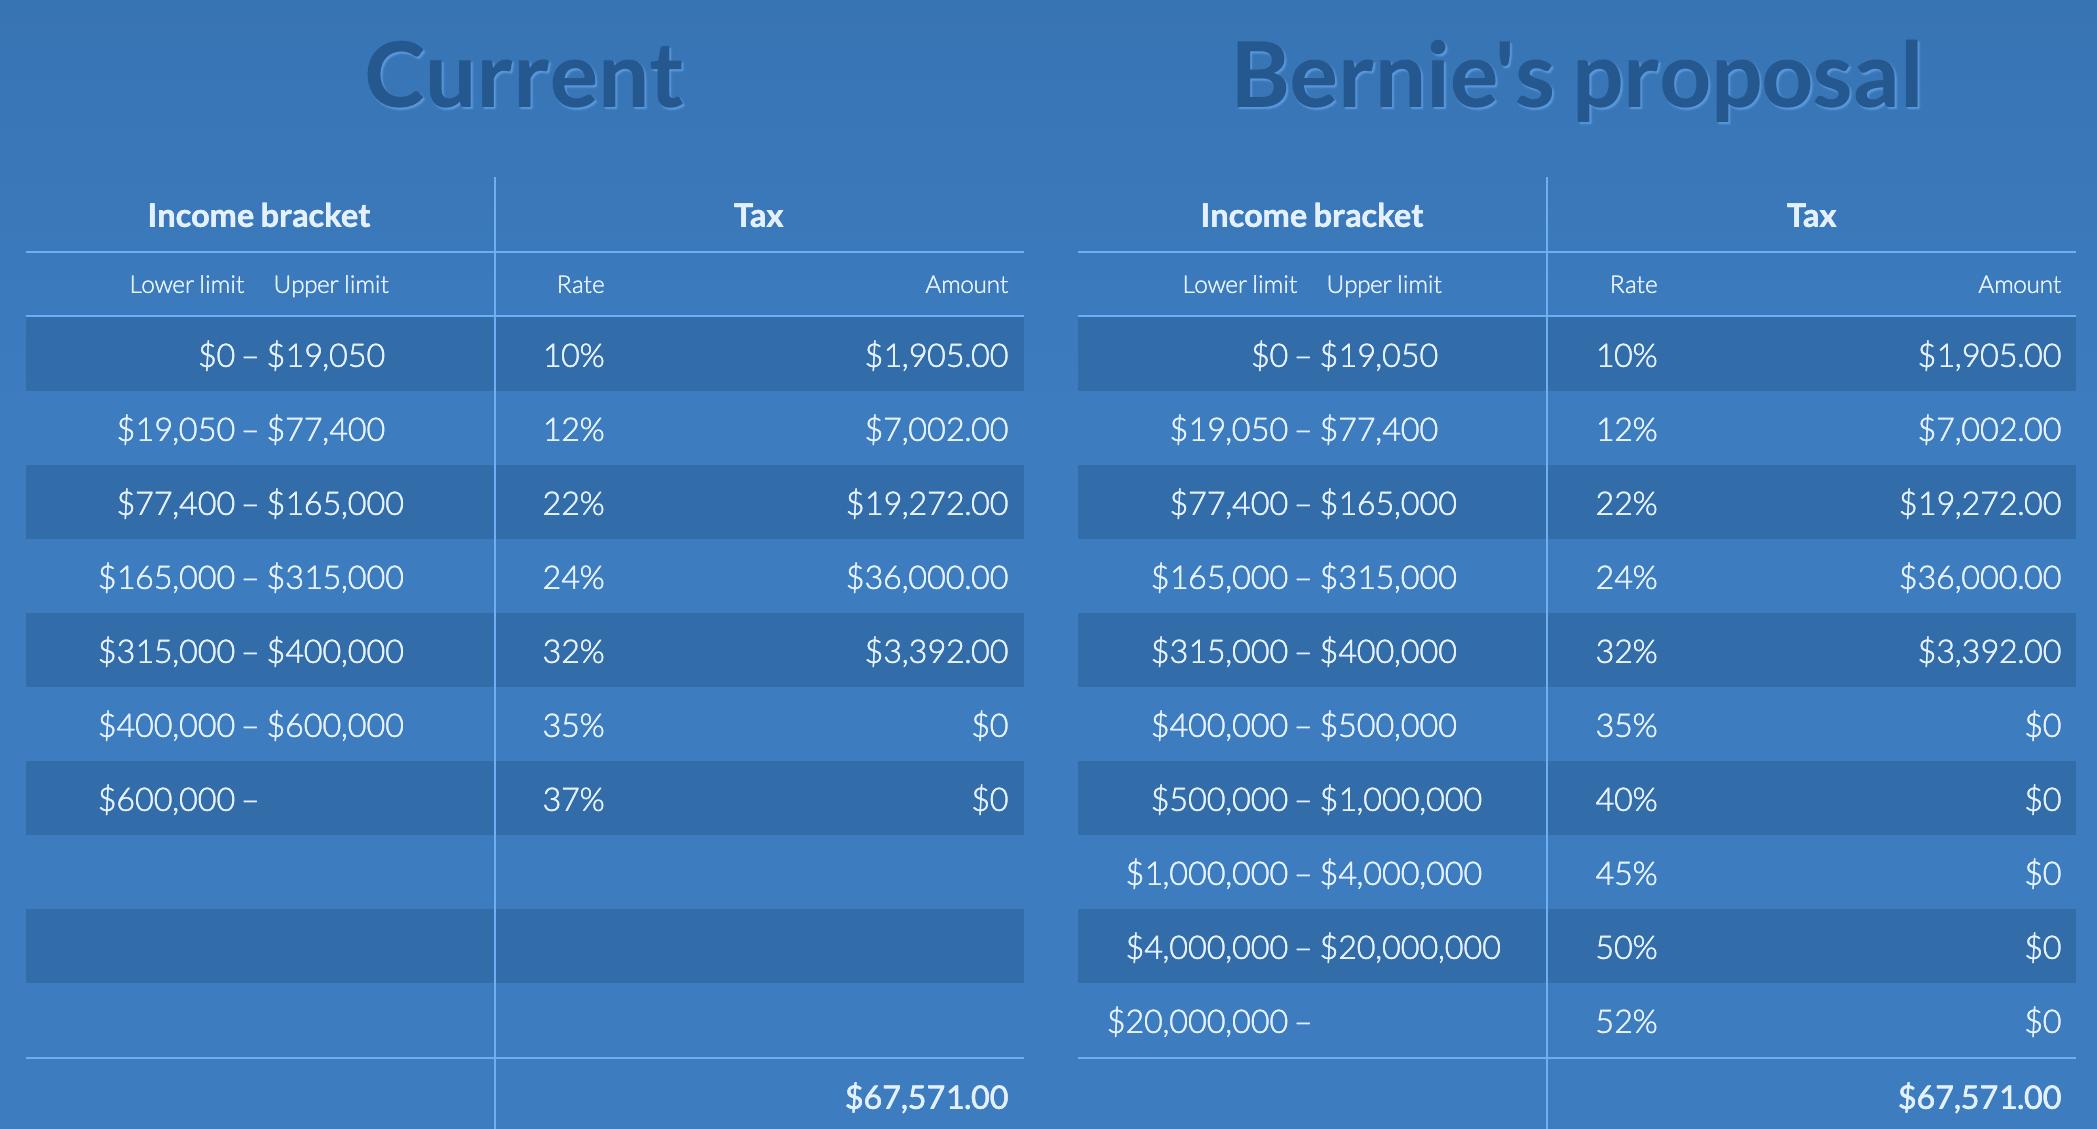 Tasas de impuestos marginales propuestas por Bernie Sanders